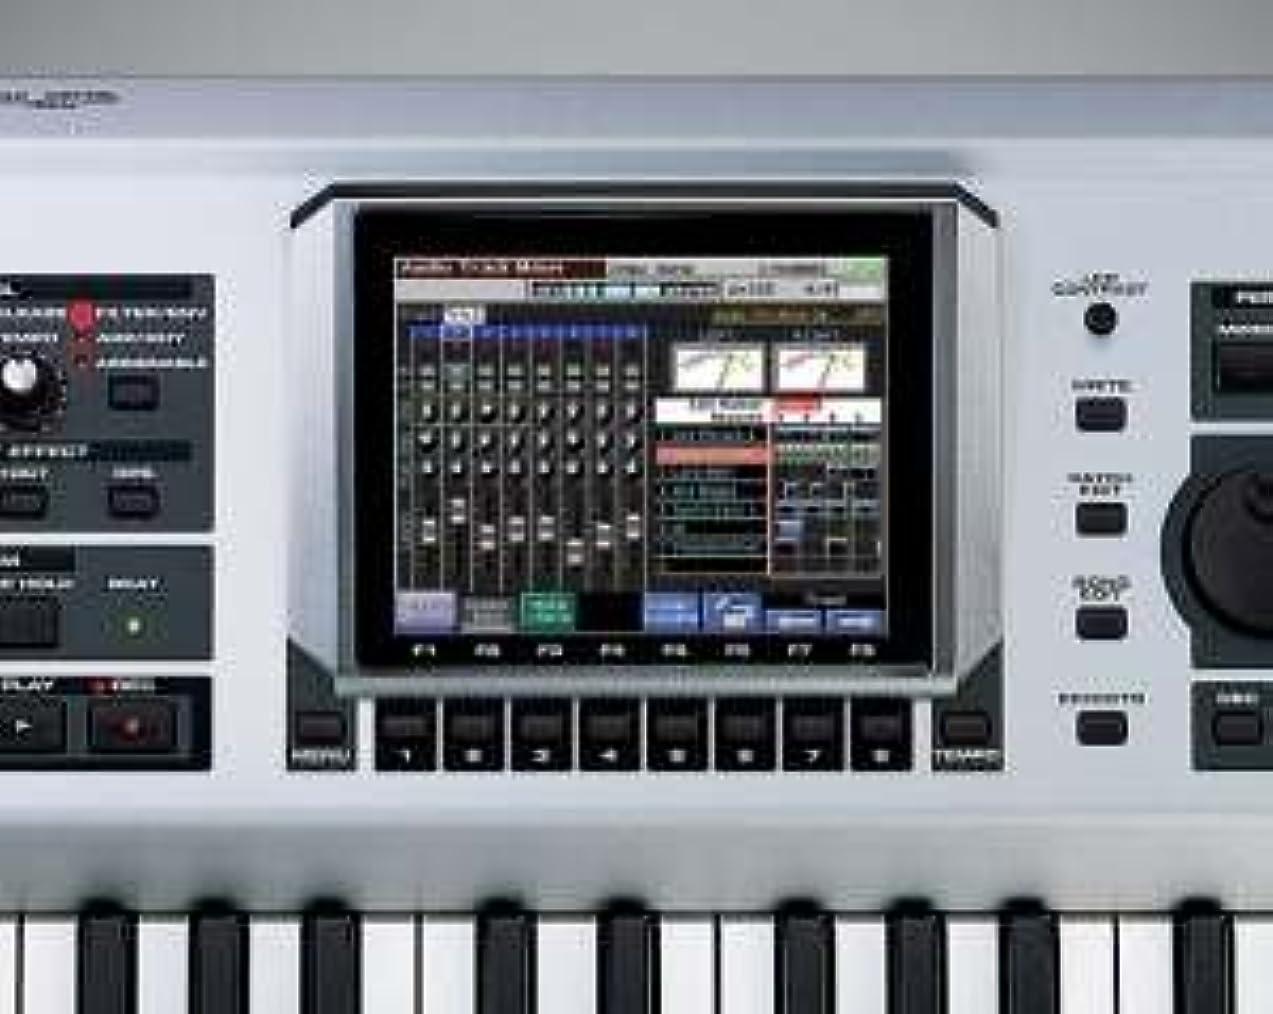 FAN-X-UP1 Fantom-X AudioTrack Expansion